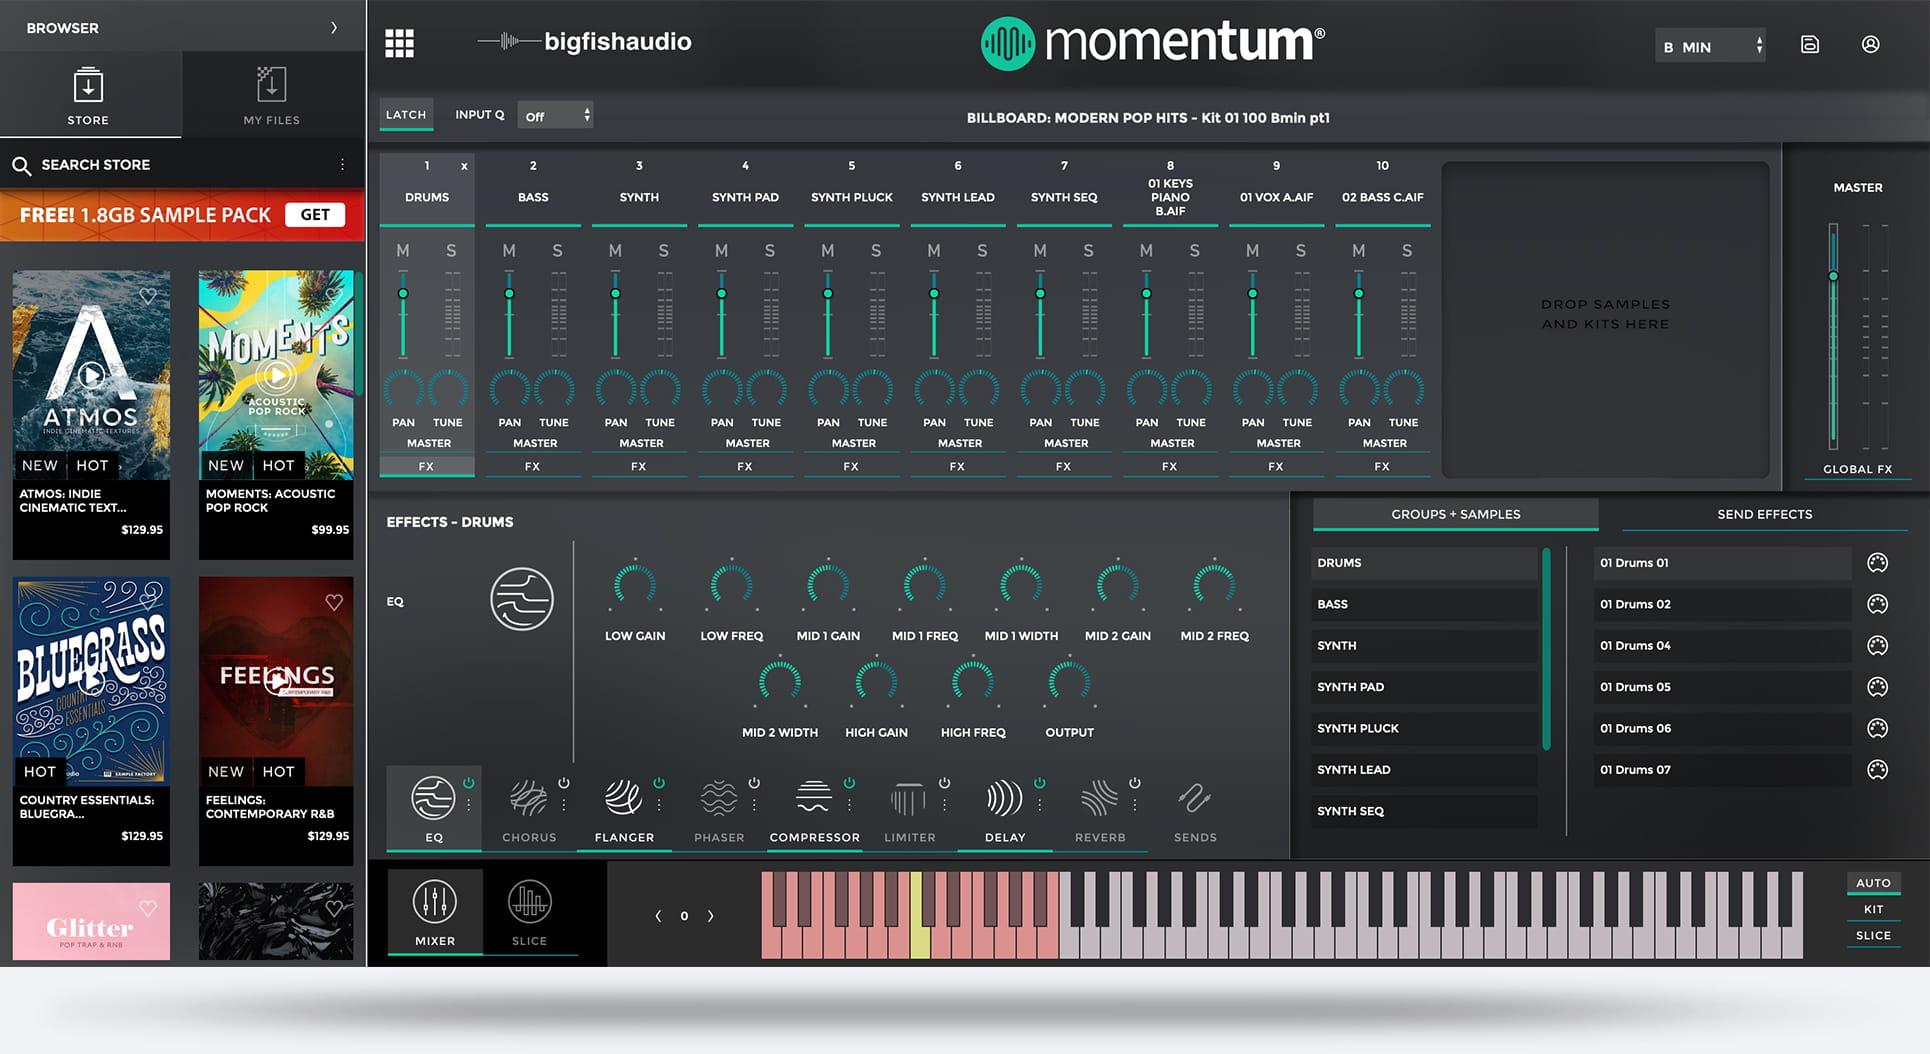 momentumguishadow1